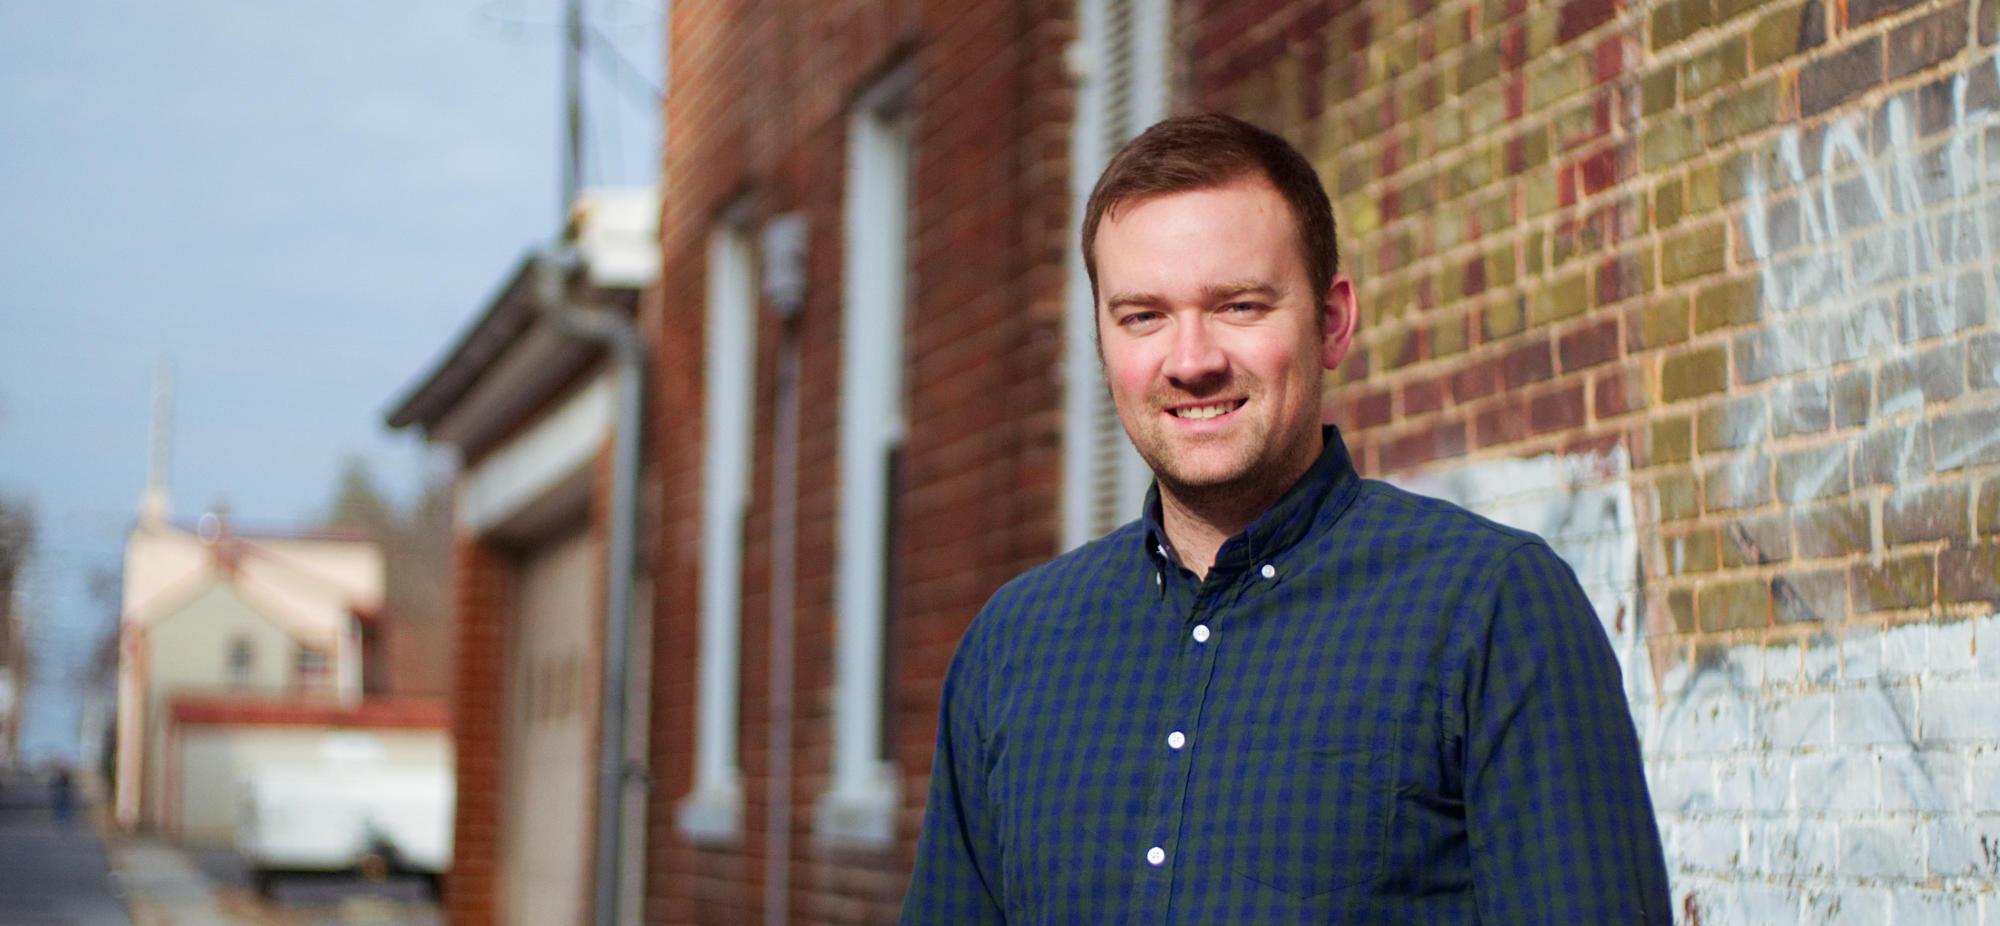 Erik Pitzer, Graphic Designer, Illumine8 Marketing and PR